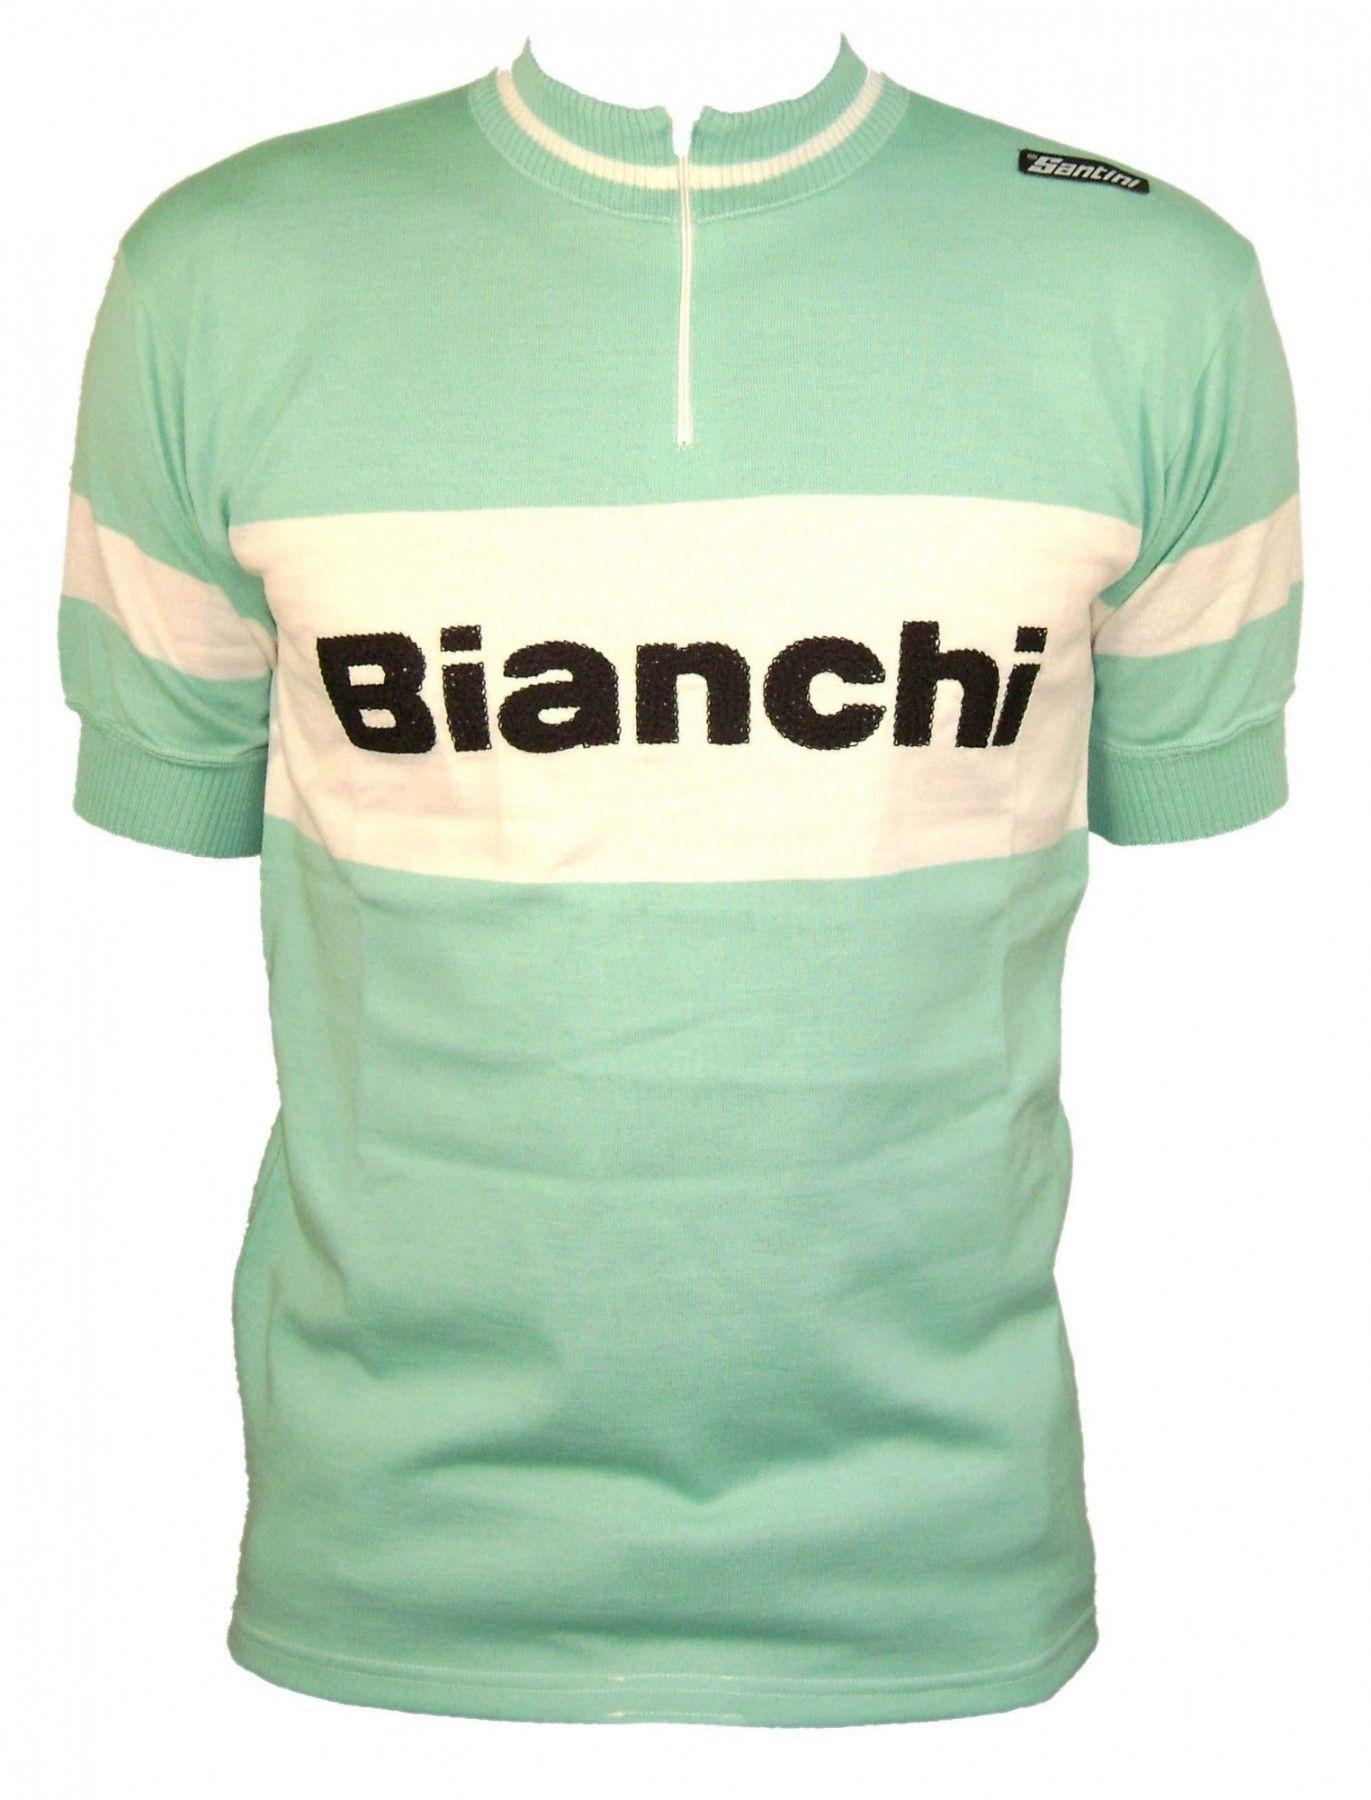 Bianchi s retro wool jersey in celeste  001c3720d